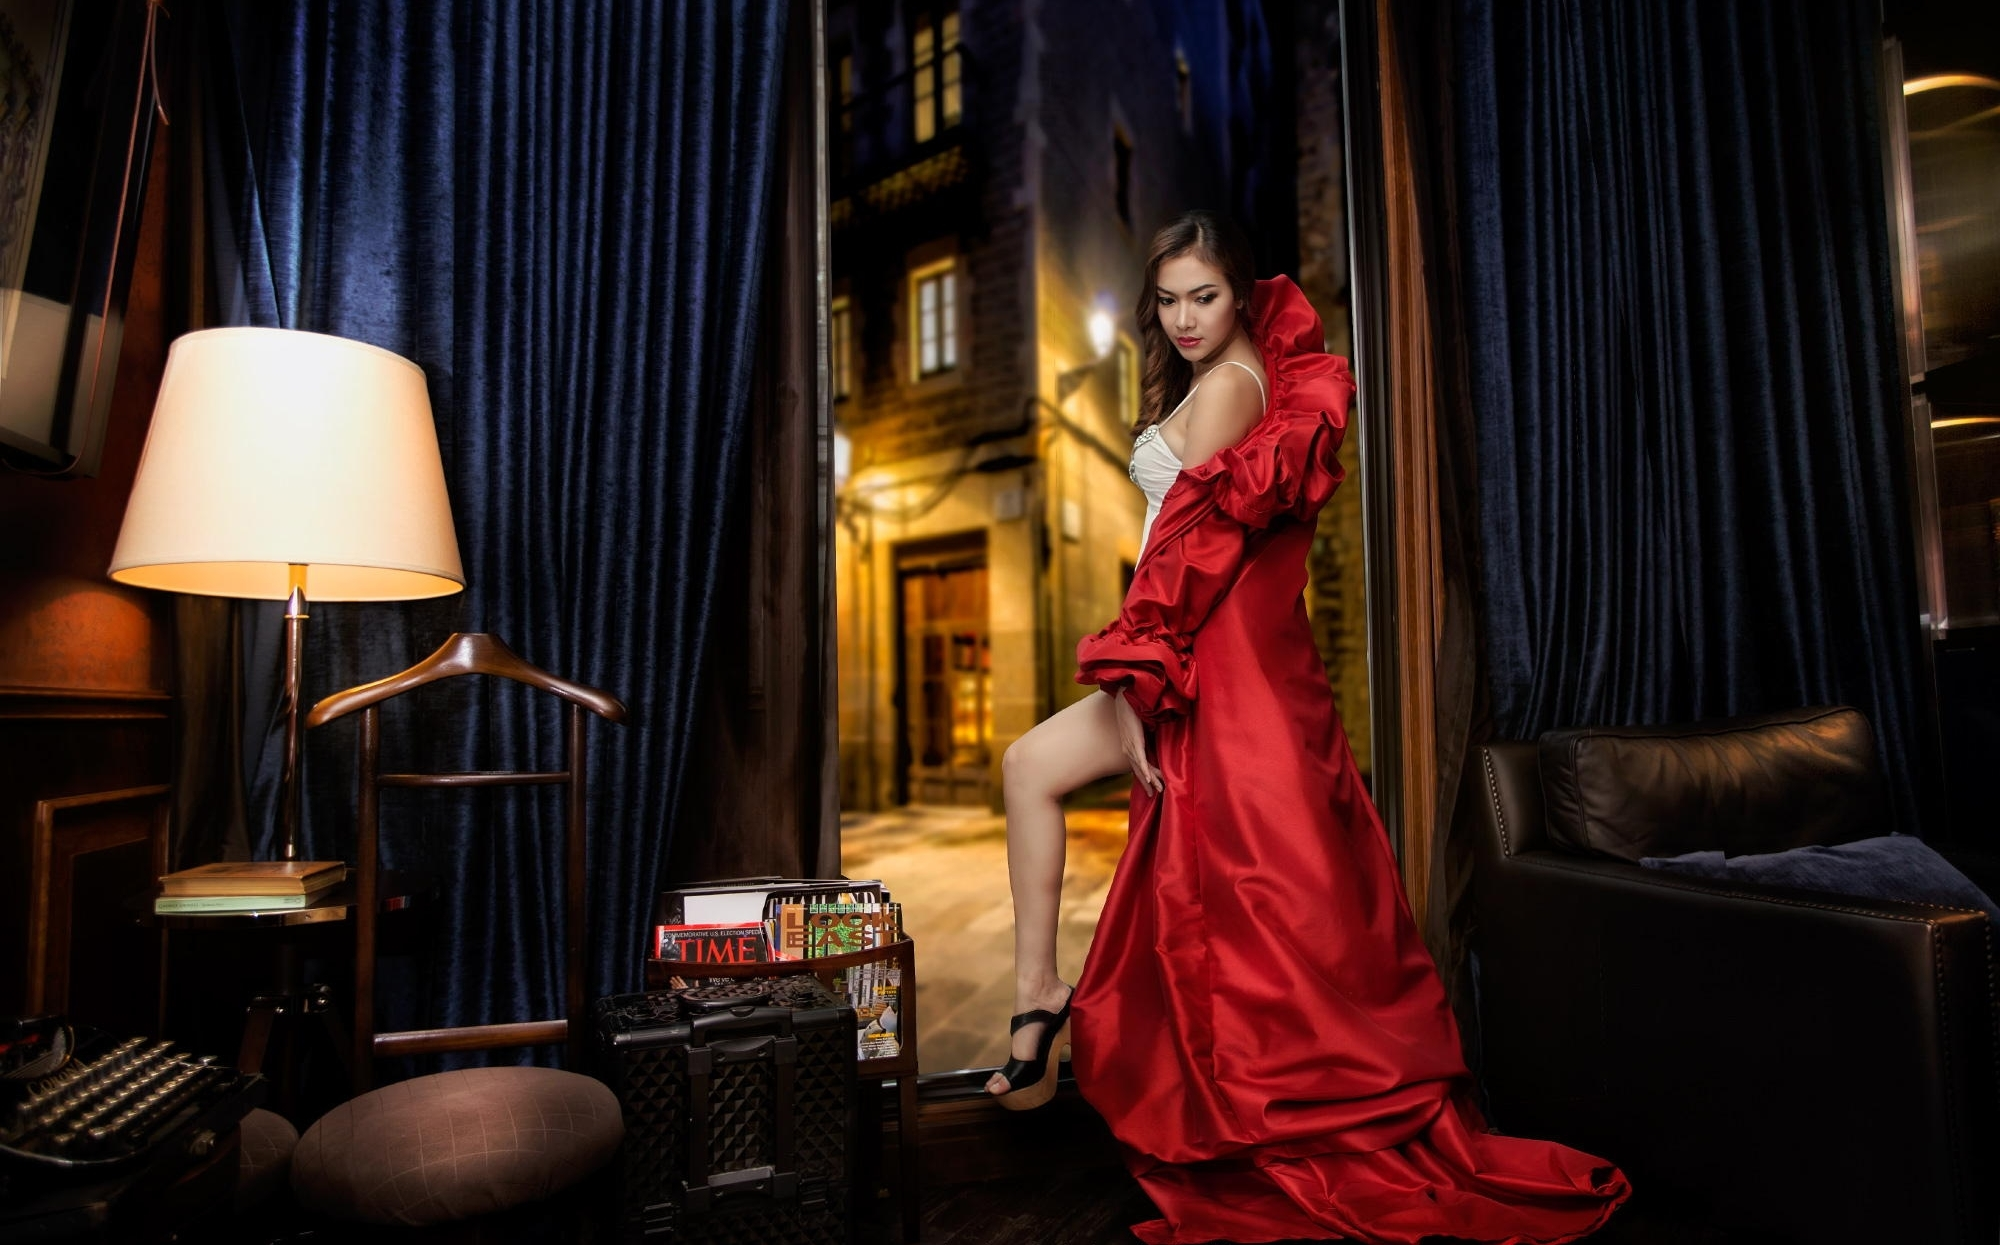 Утренний секс брюнетка в красном платье гладит вещи порно